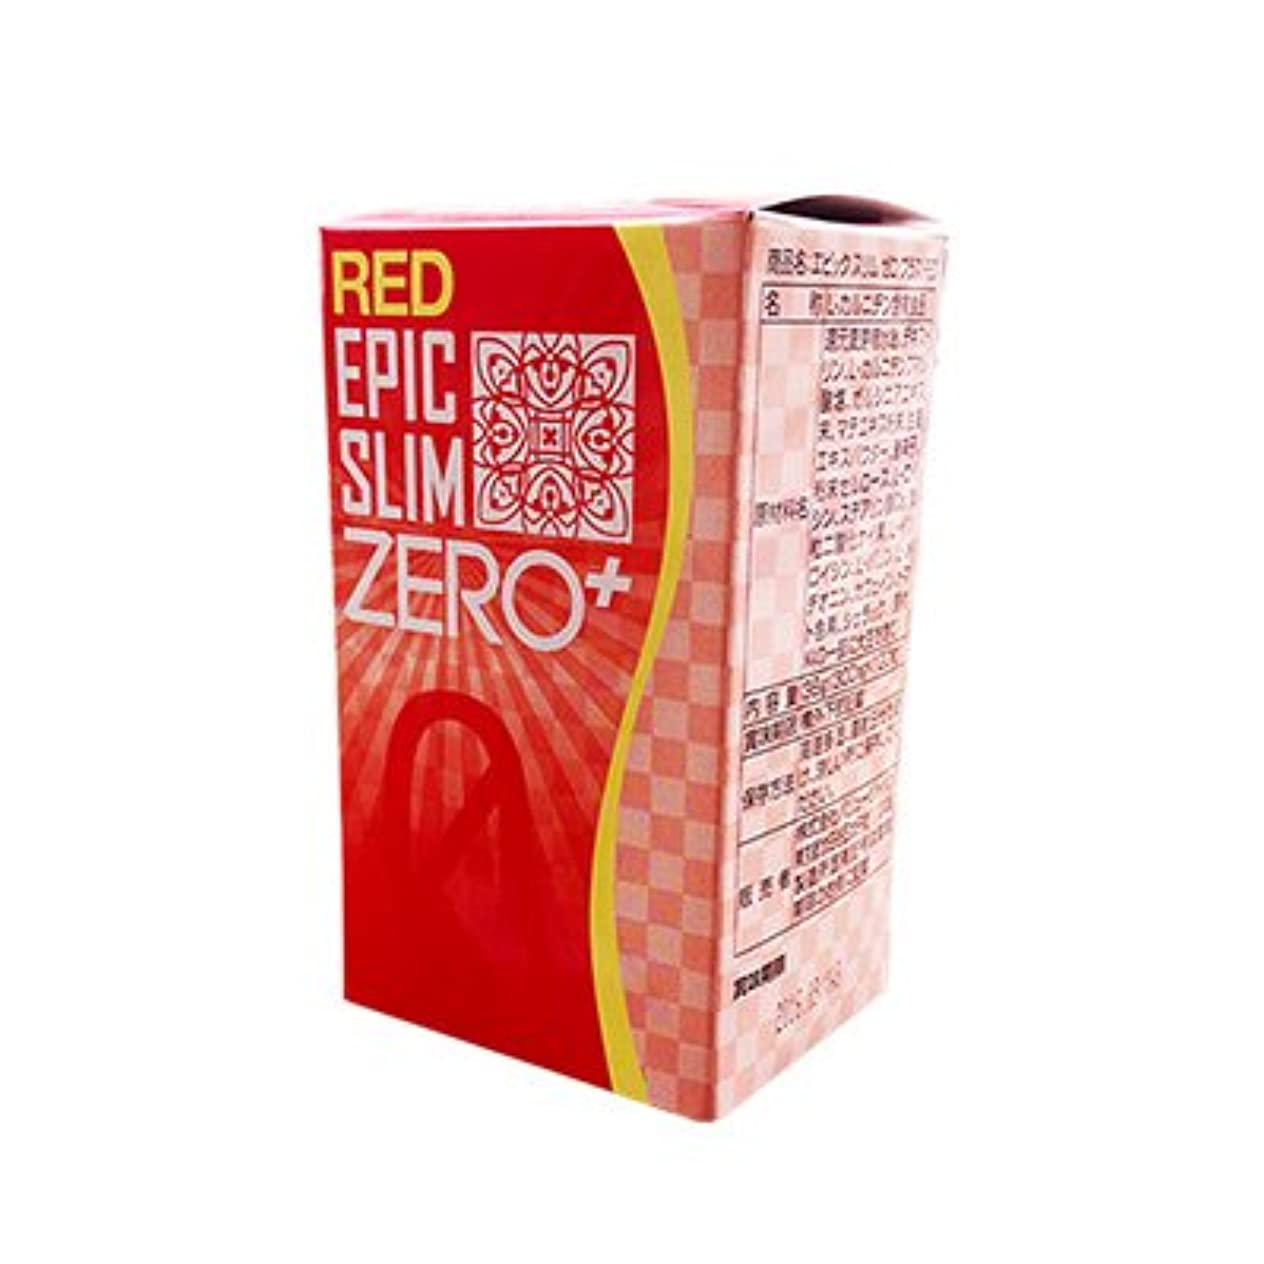 新聞破滅独占レッド エピックスリム ゼロ レッド Epic Slim ZERO RED